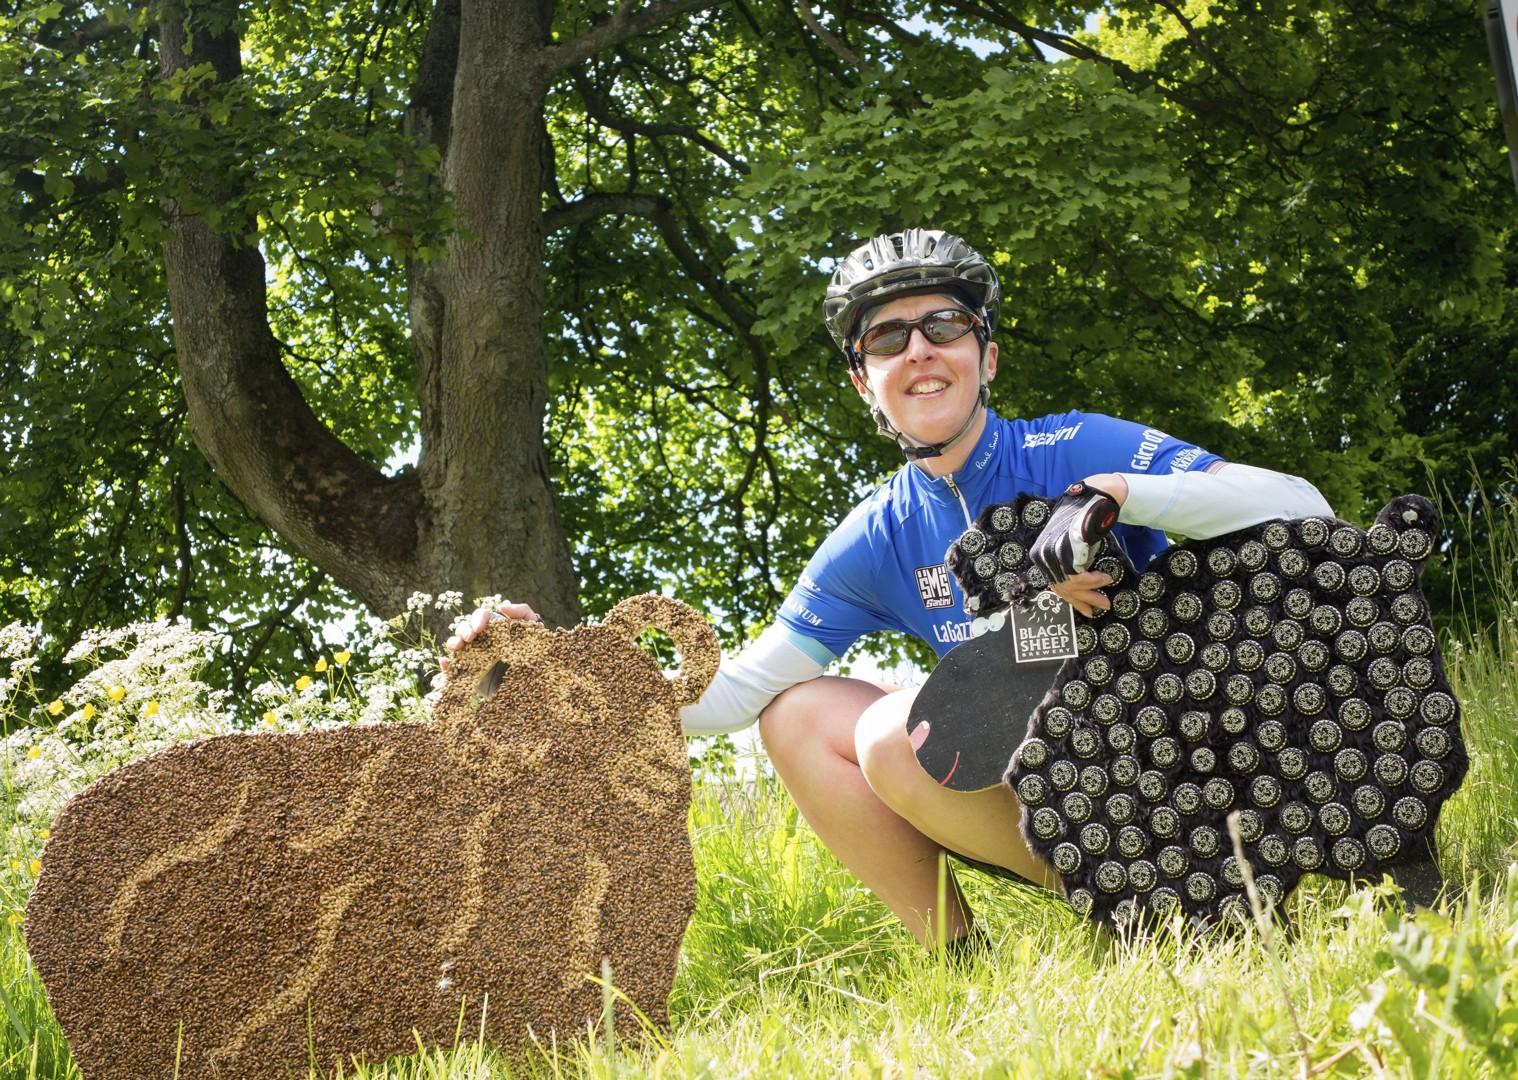 road-cycling-holiday-yorkshire-dales-uk - UK - Yorkshire Dales - Guided Road Cycling Weekend - Road Cycling